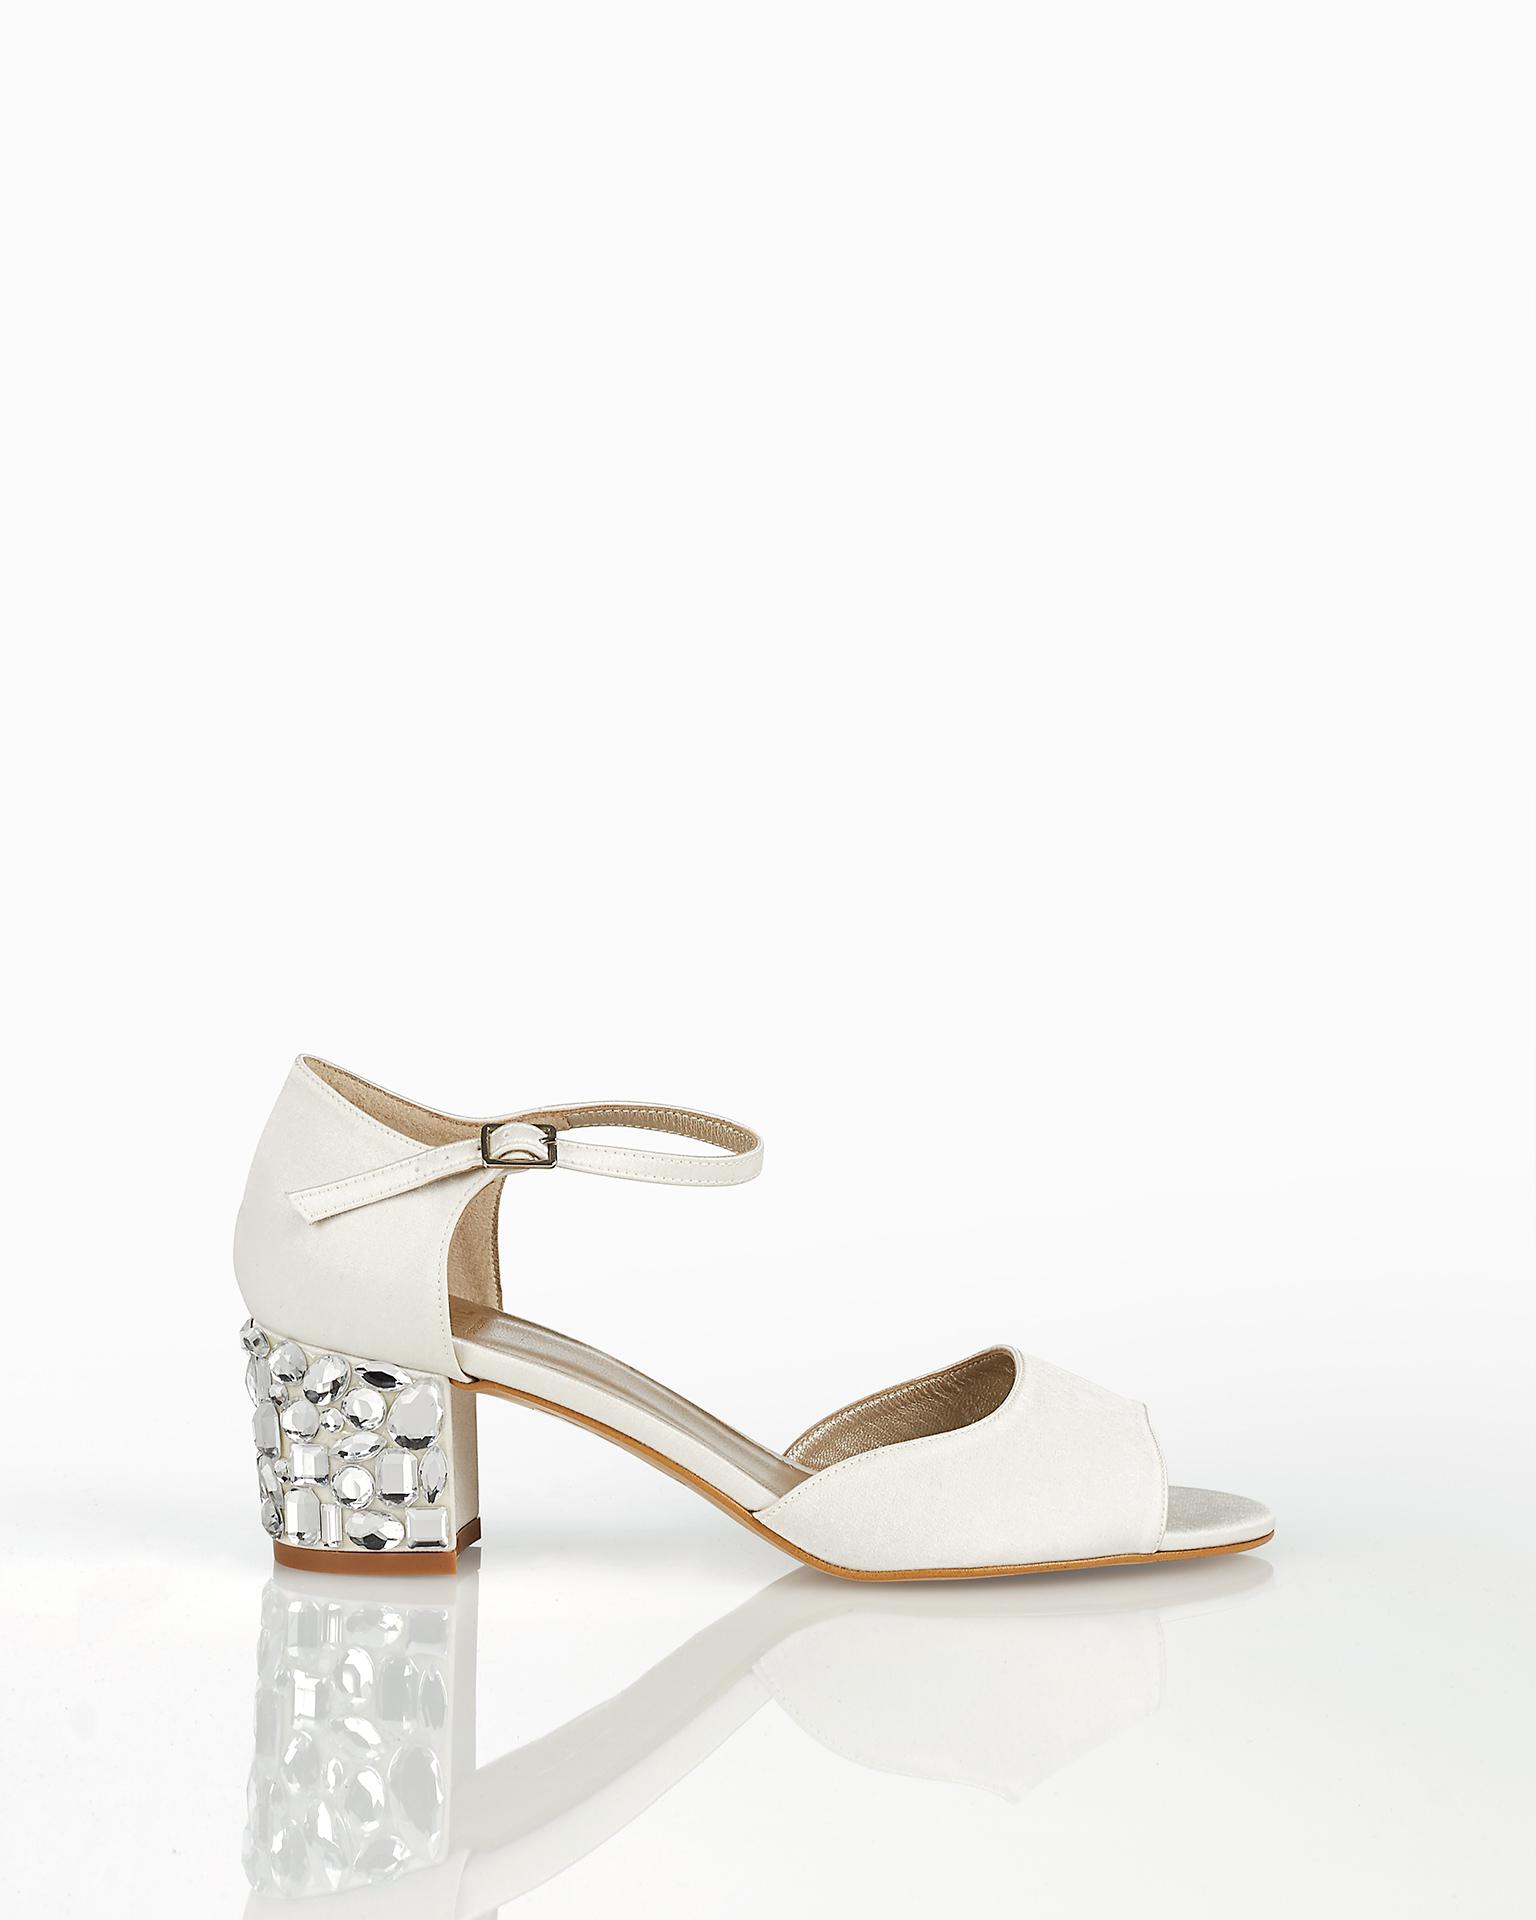 Sandali da sposa in raso, con tacco basso di strass. Collezione AIRE BARCELONA 2018.